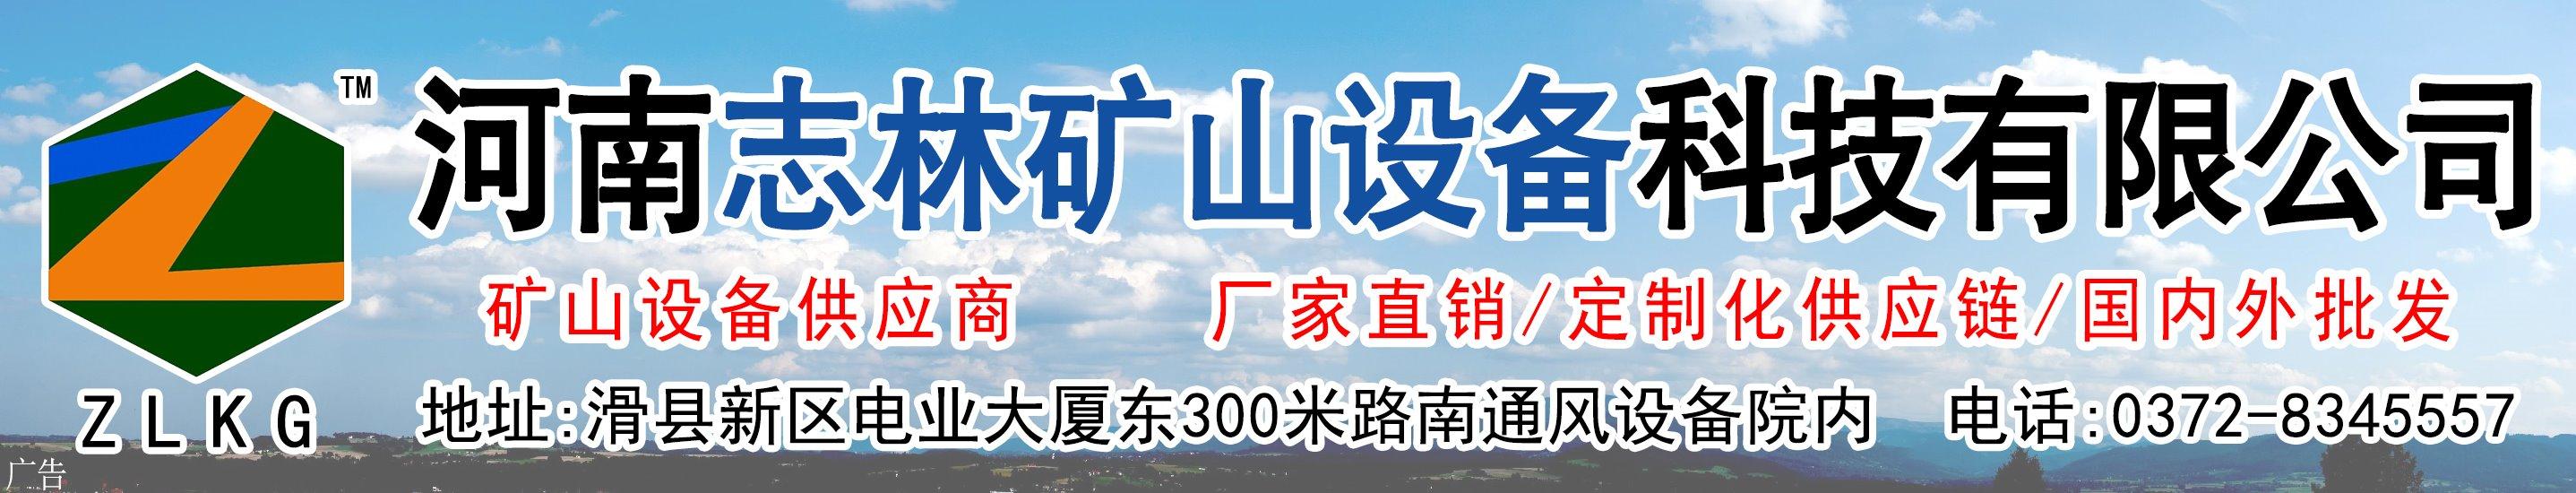 河南志林礦山設備科技有限公司